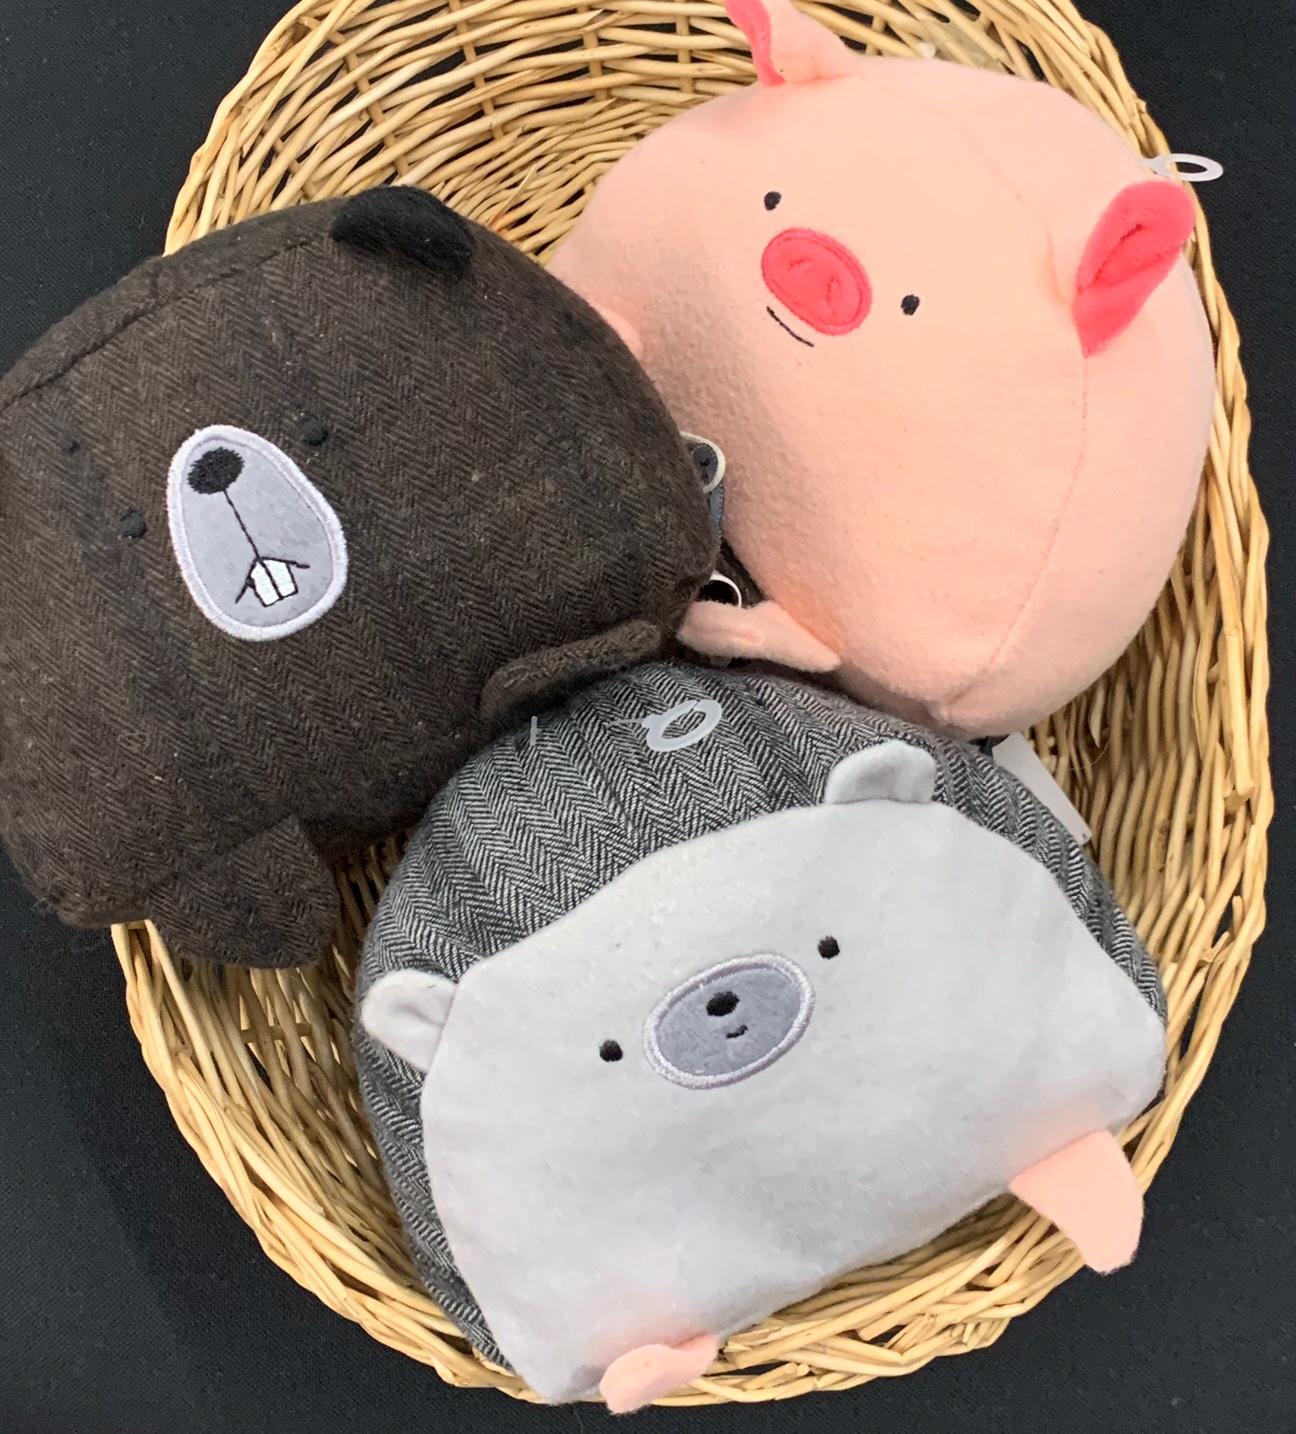 Three cute animal chew toys in a basket